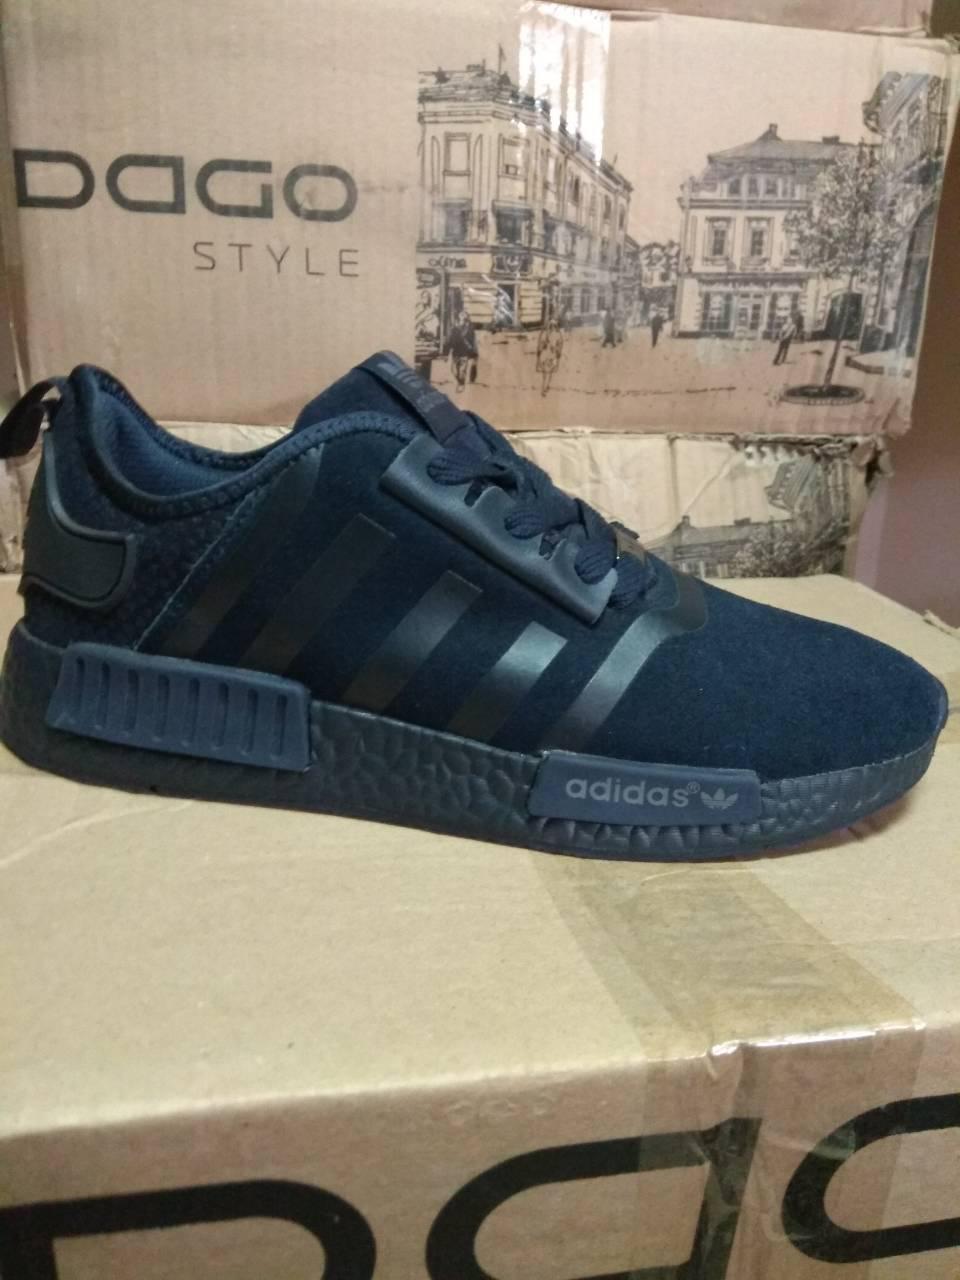 7de96d38 Мужские кроссовки Adidas - Оптовый интернет-магазин дешевой  одежды,обуви,аксессуаров